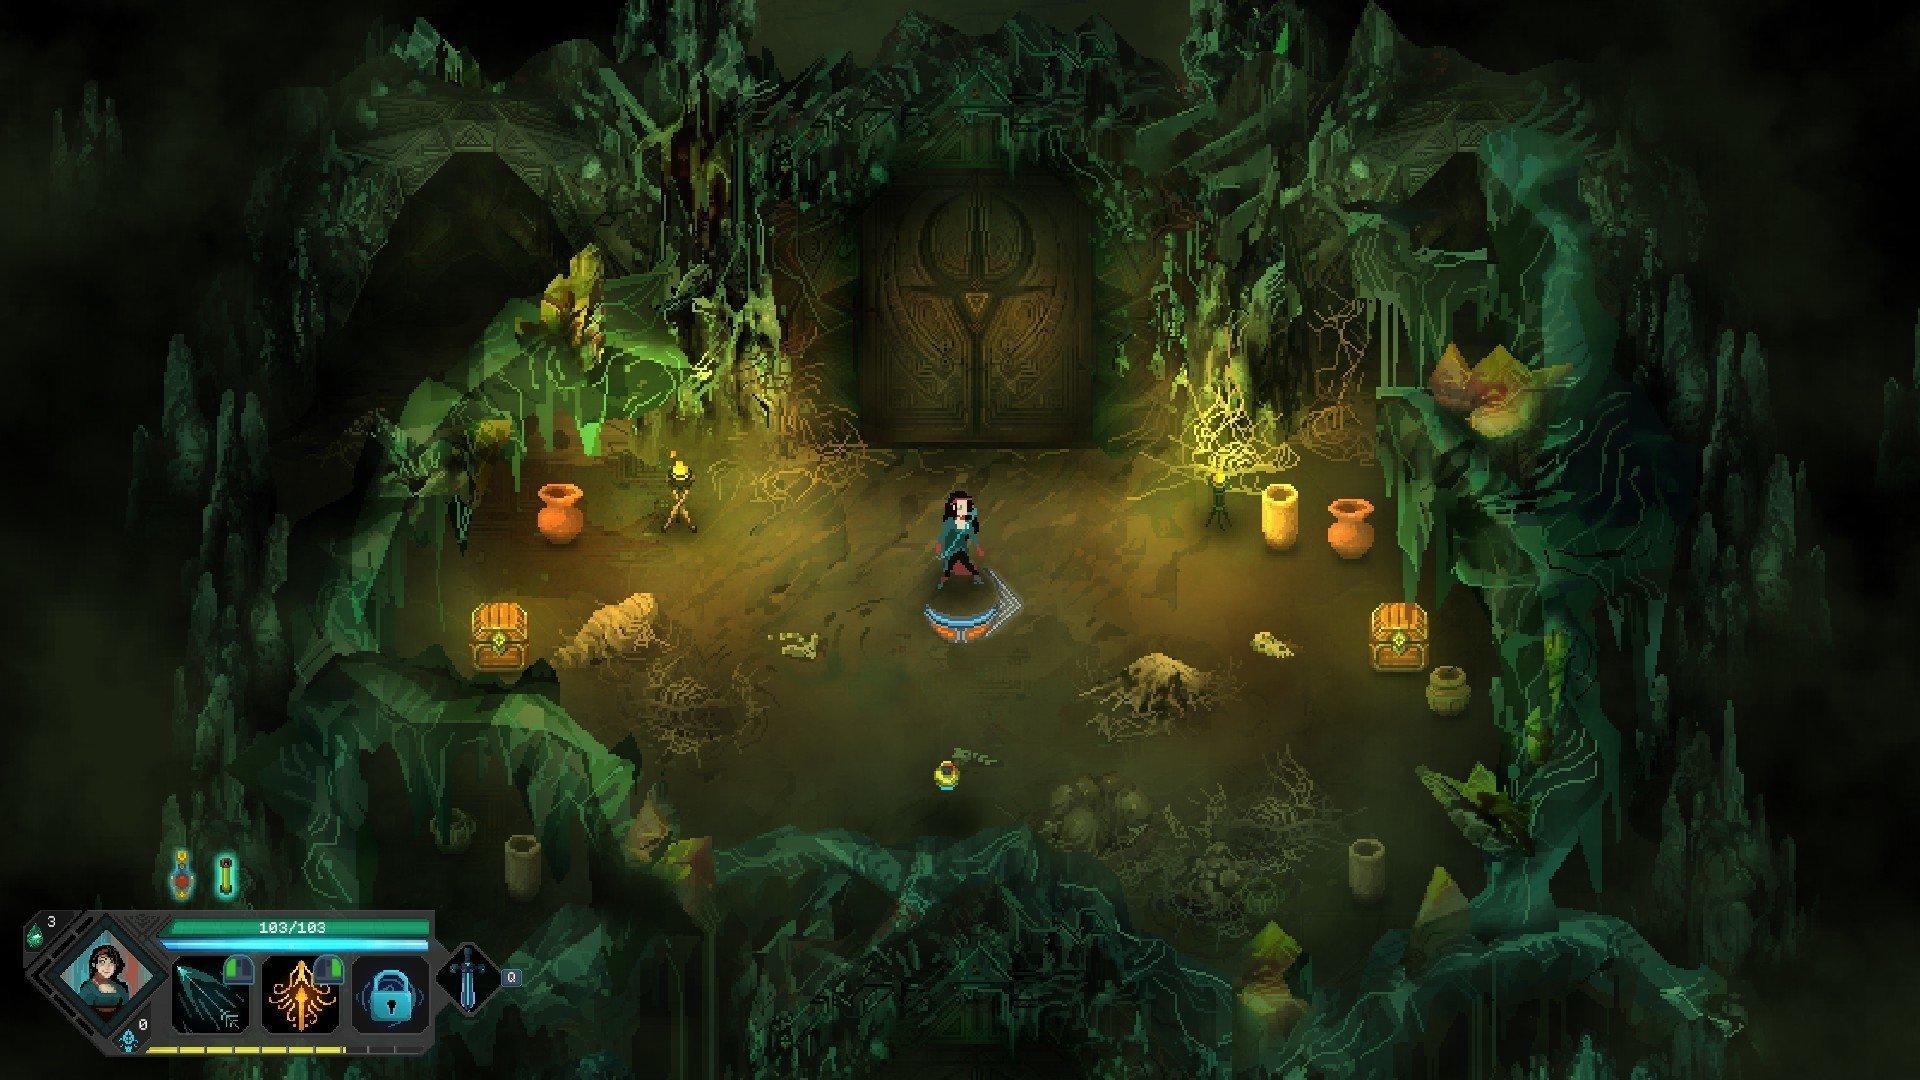 Скриншот к игре Children of Morta v.1.1.55.1 [GOG] (2019) скачать торрент Лицензия